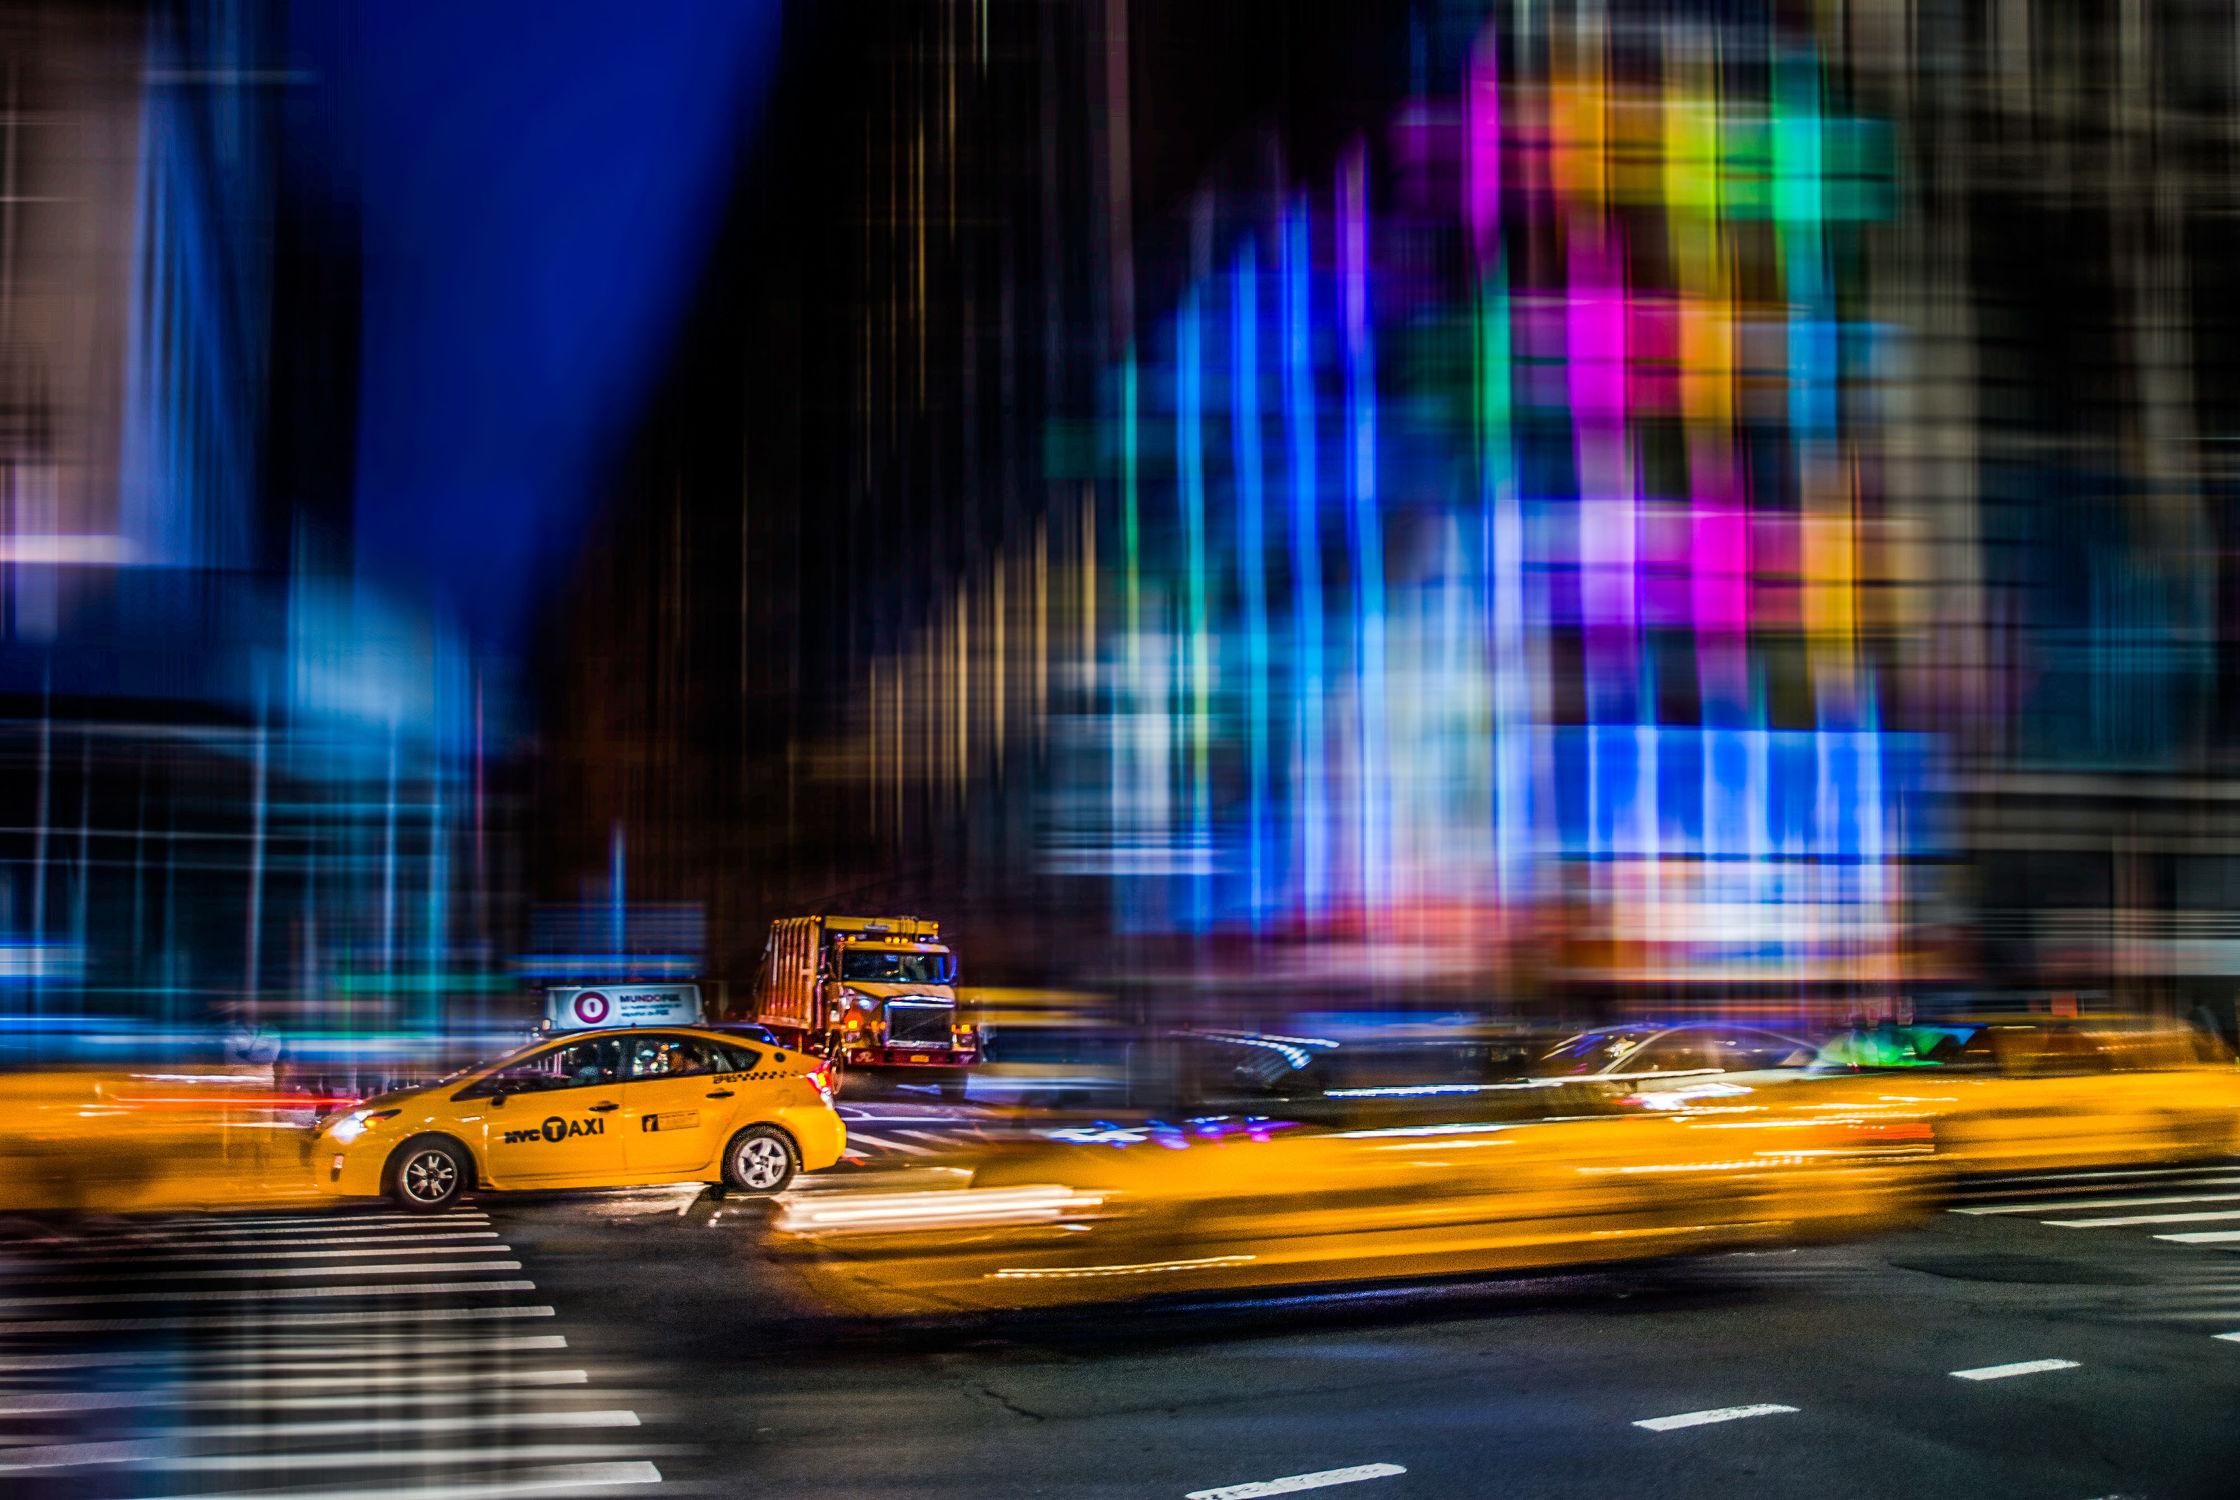 Bild mit Autos, Architektur, Straßen, Panorama, Stadt, Abstrakt, urban, New York, monochrom, Staedte und Architektur, USA, hochhaus, wolkenkratzer, metropole, Straße, island, Hochhäuser, Manhattan, Brooklyn Bridge, Yellow cab, taxi, Taxis, New York City, NYC, Gelbe Taxis, yellow cabs, empire state building, one world trade center, skyscraper